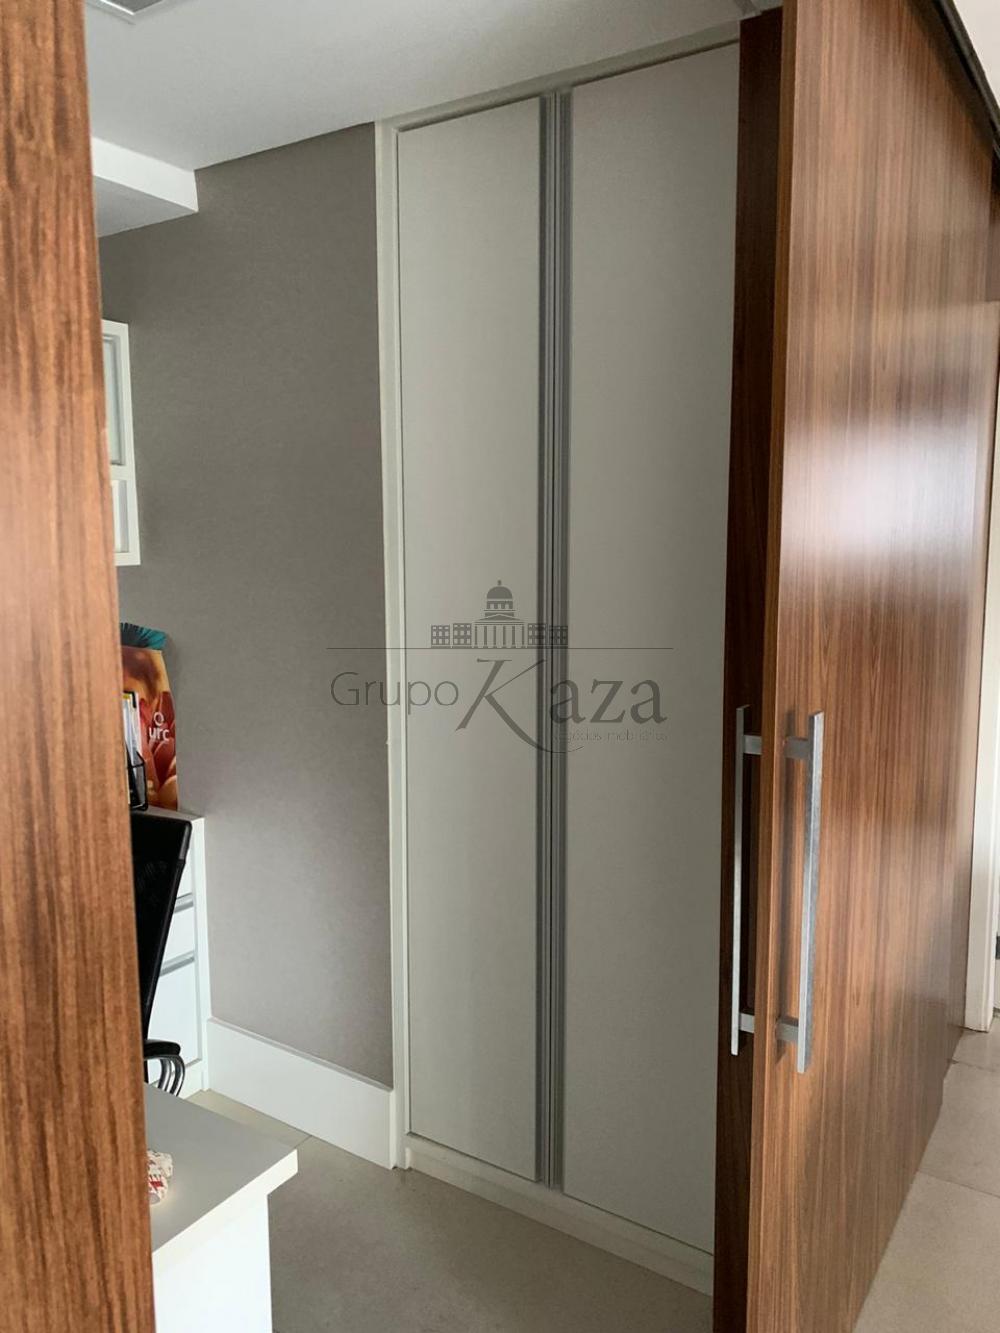 Comprar Apartamento / Padrão em São José dos Campos apenas R$ 1.200.000,00 - Foto 18